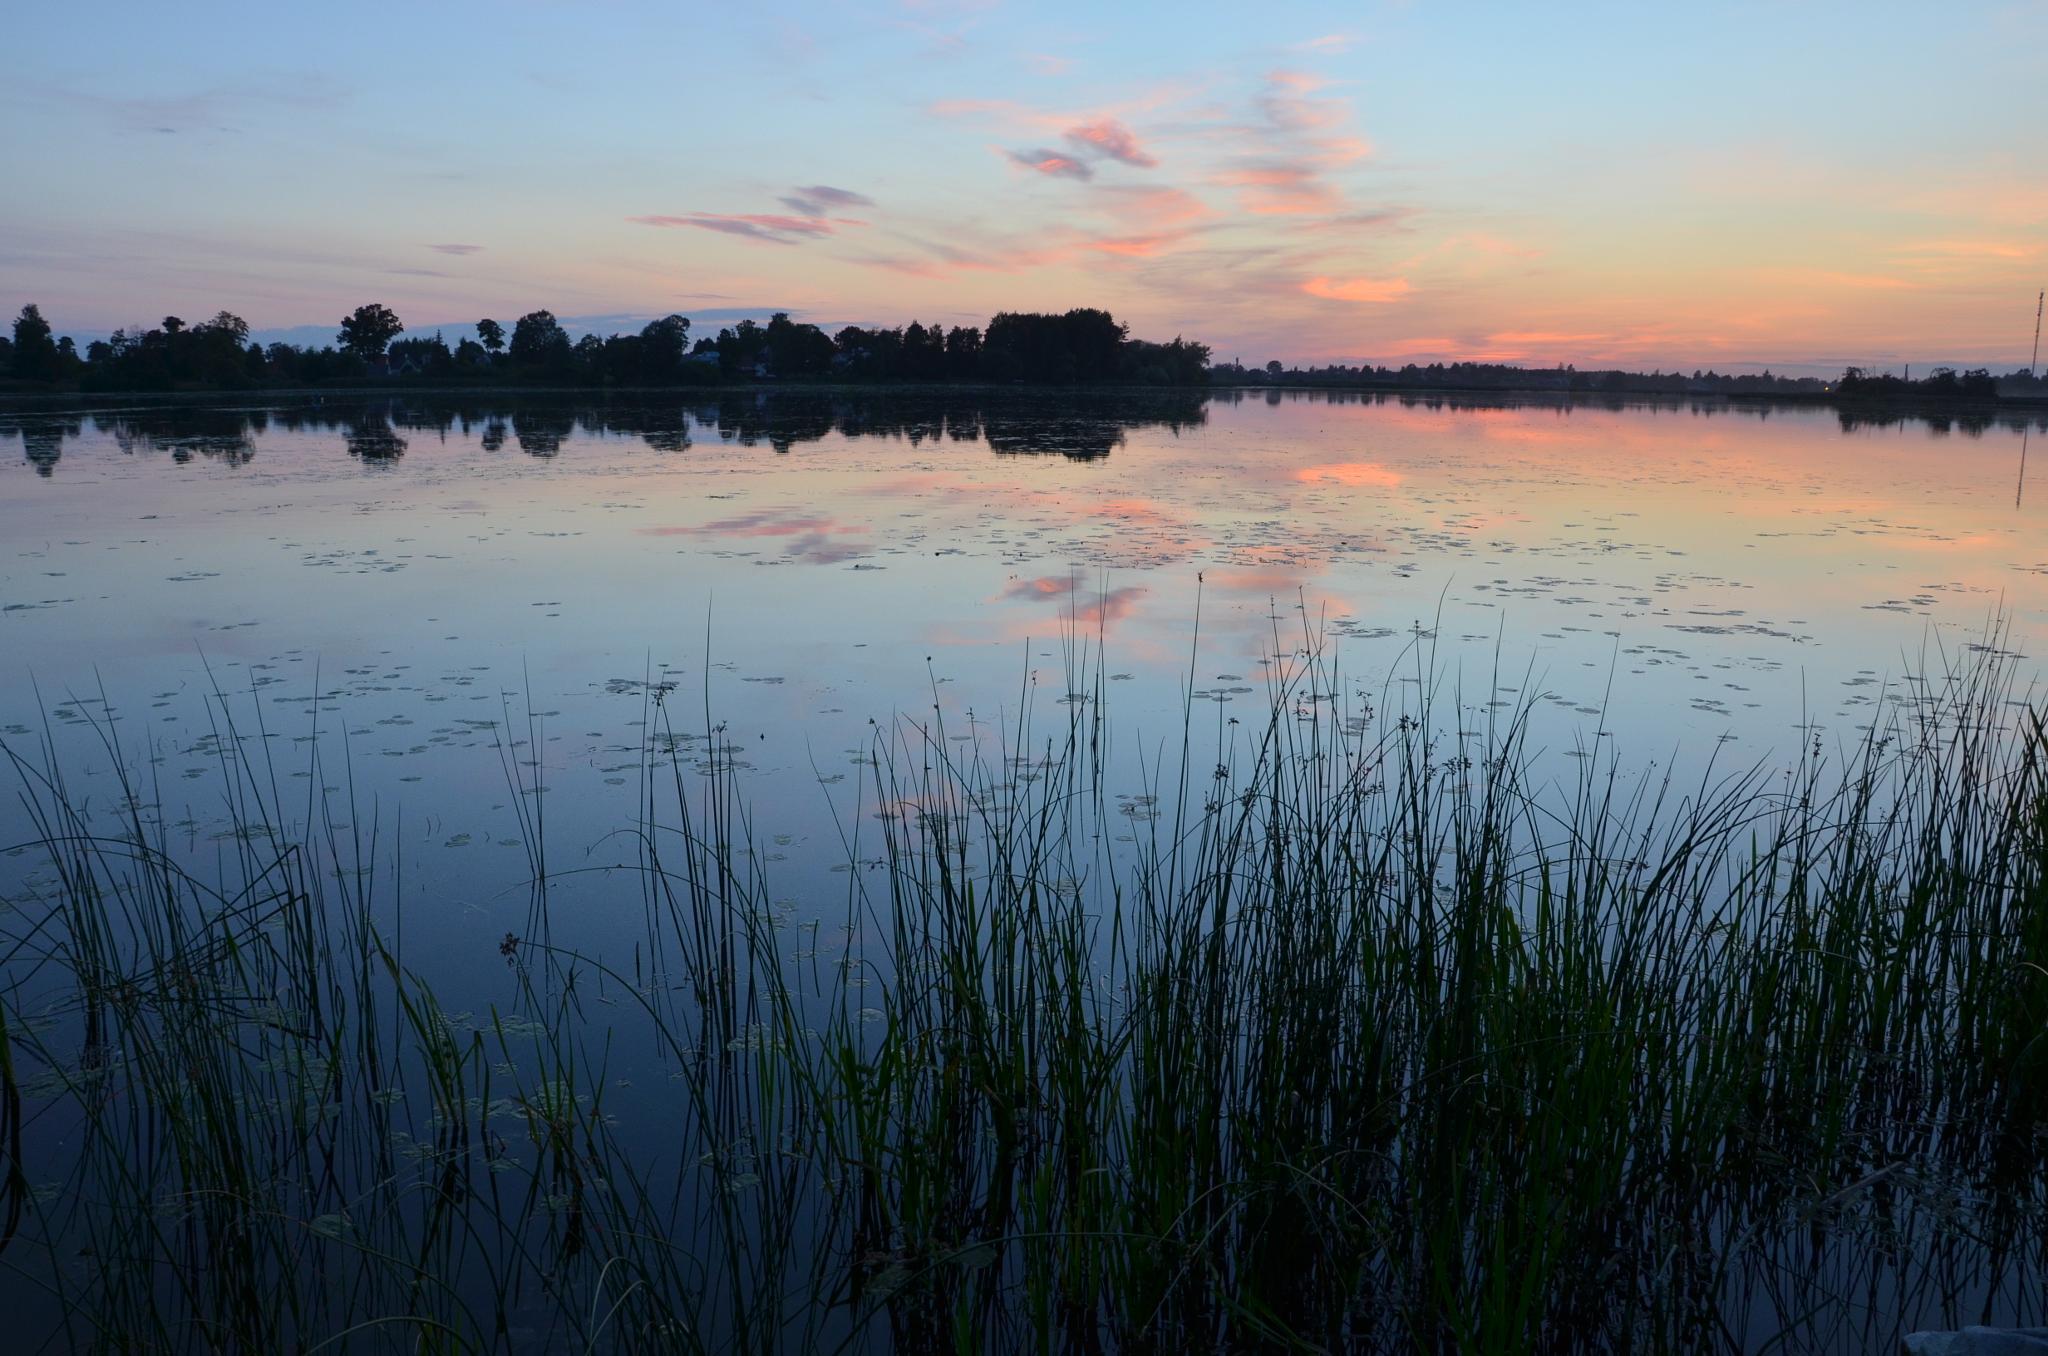 Evening lake 3 by Zenonas Meškauskas